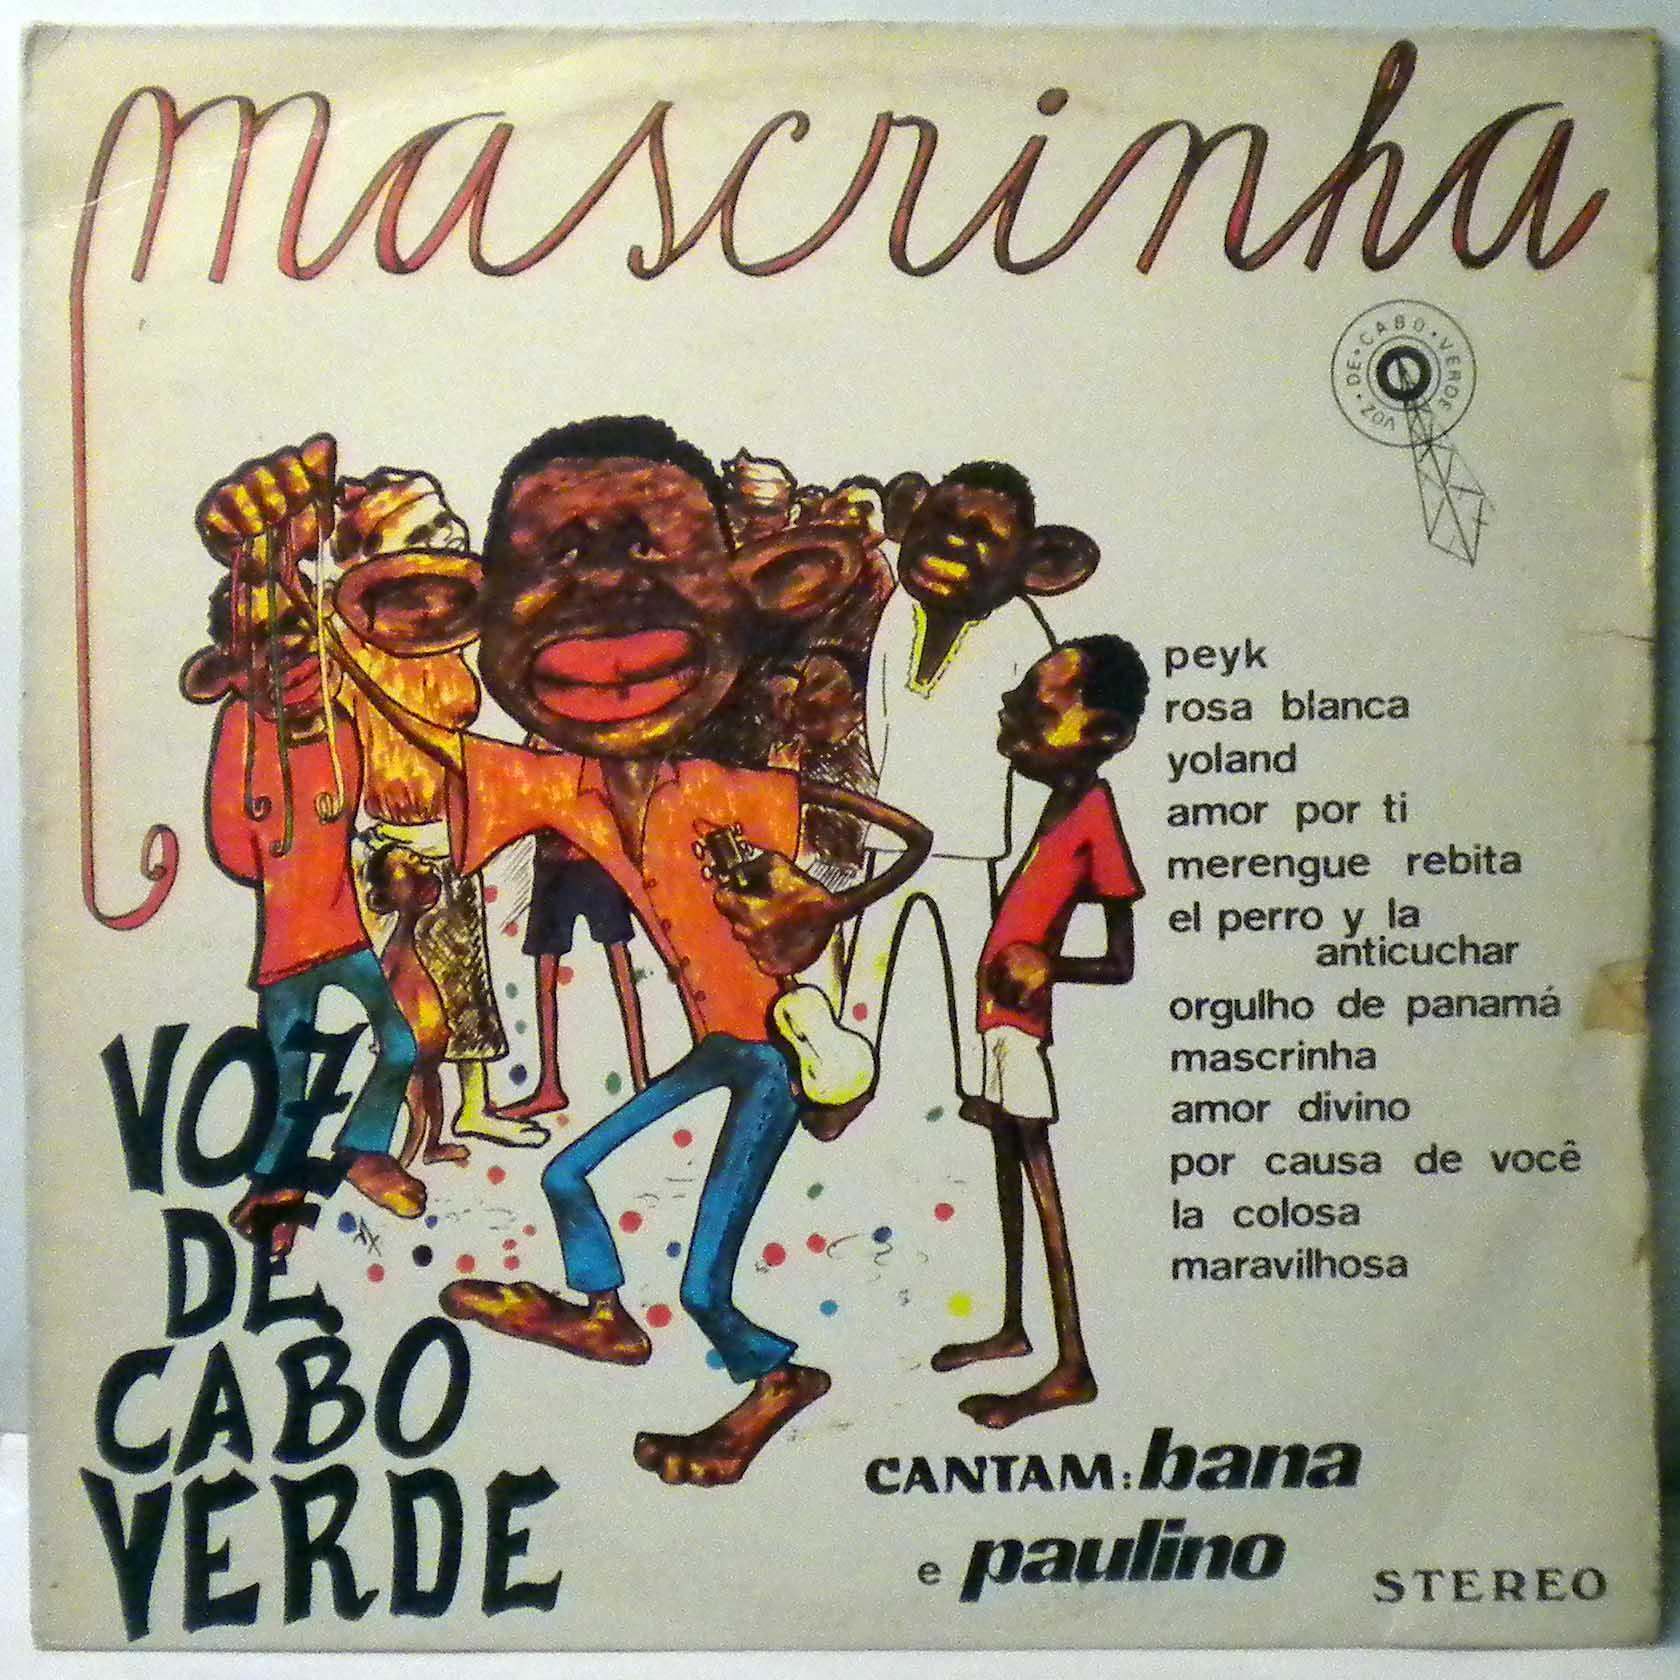 VOZ DE CABO VERDE - Mascrinha - LP